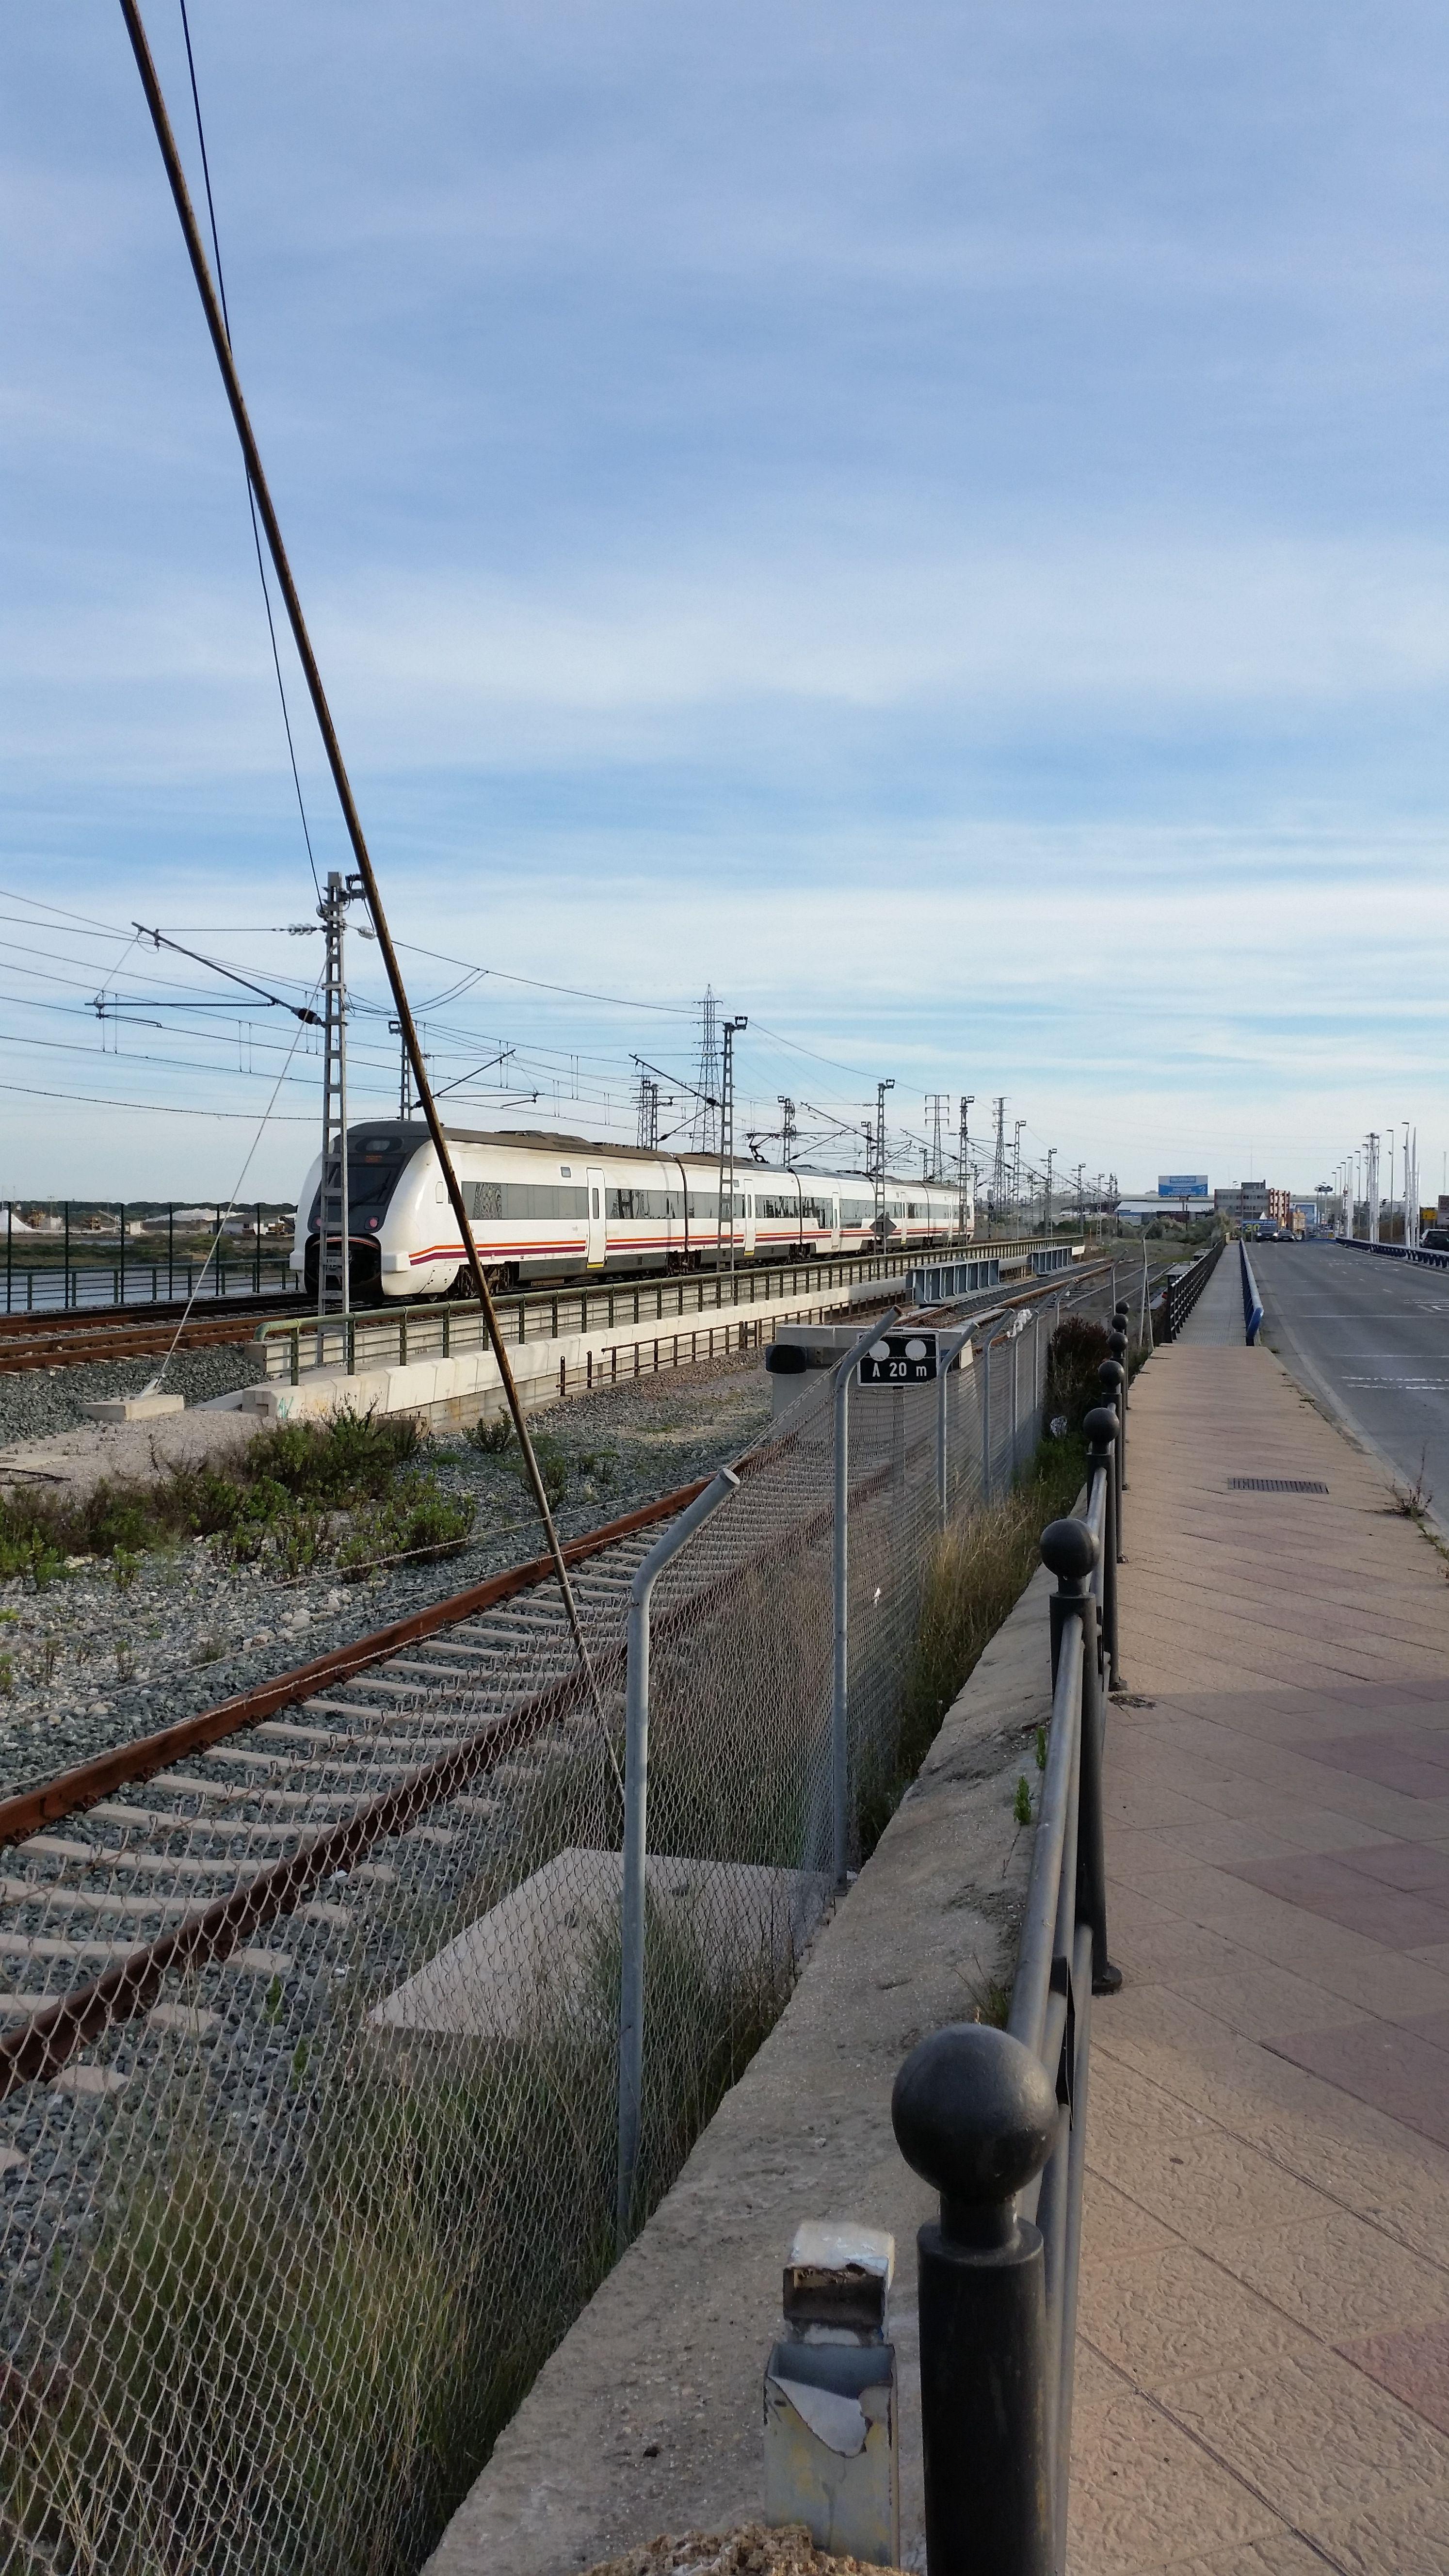 media distancia procedente de Cádiz atravesando el puente sobre el río Guadalete